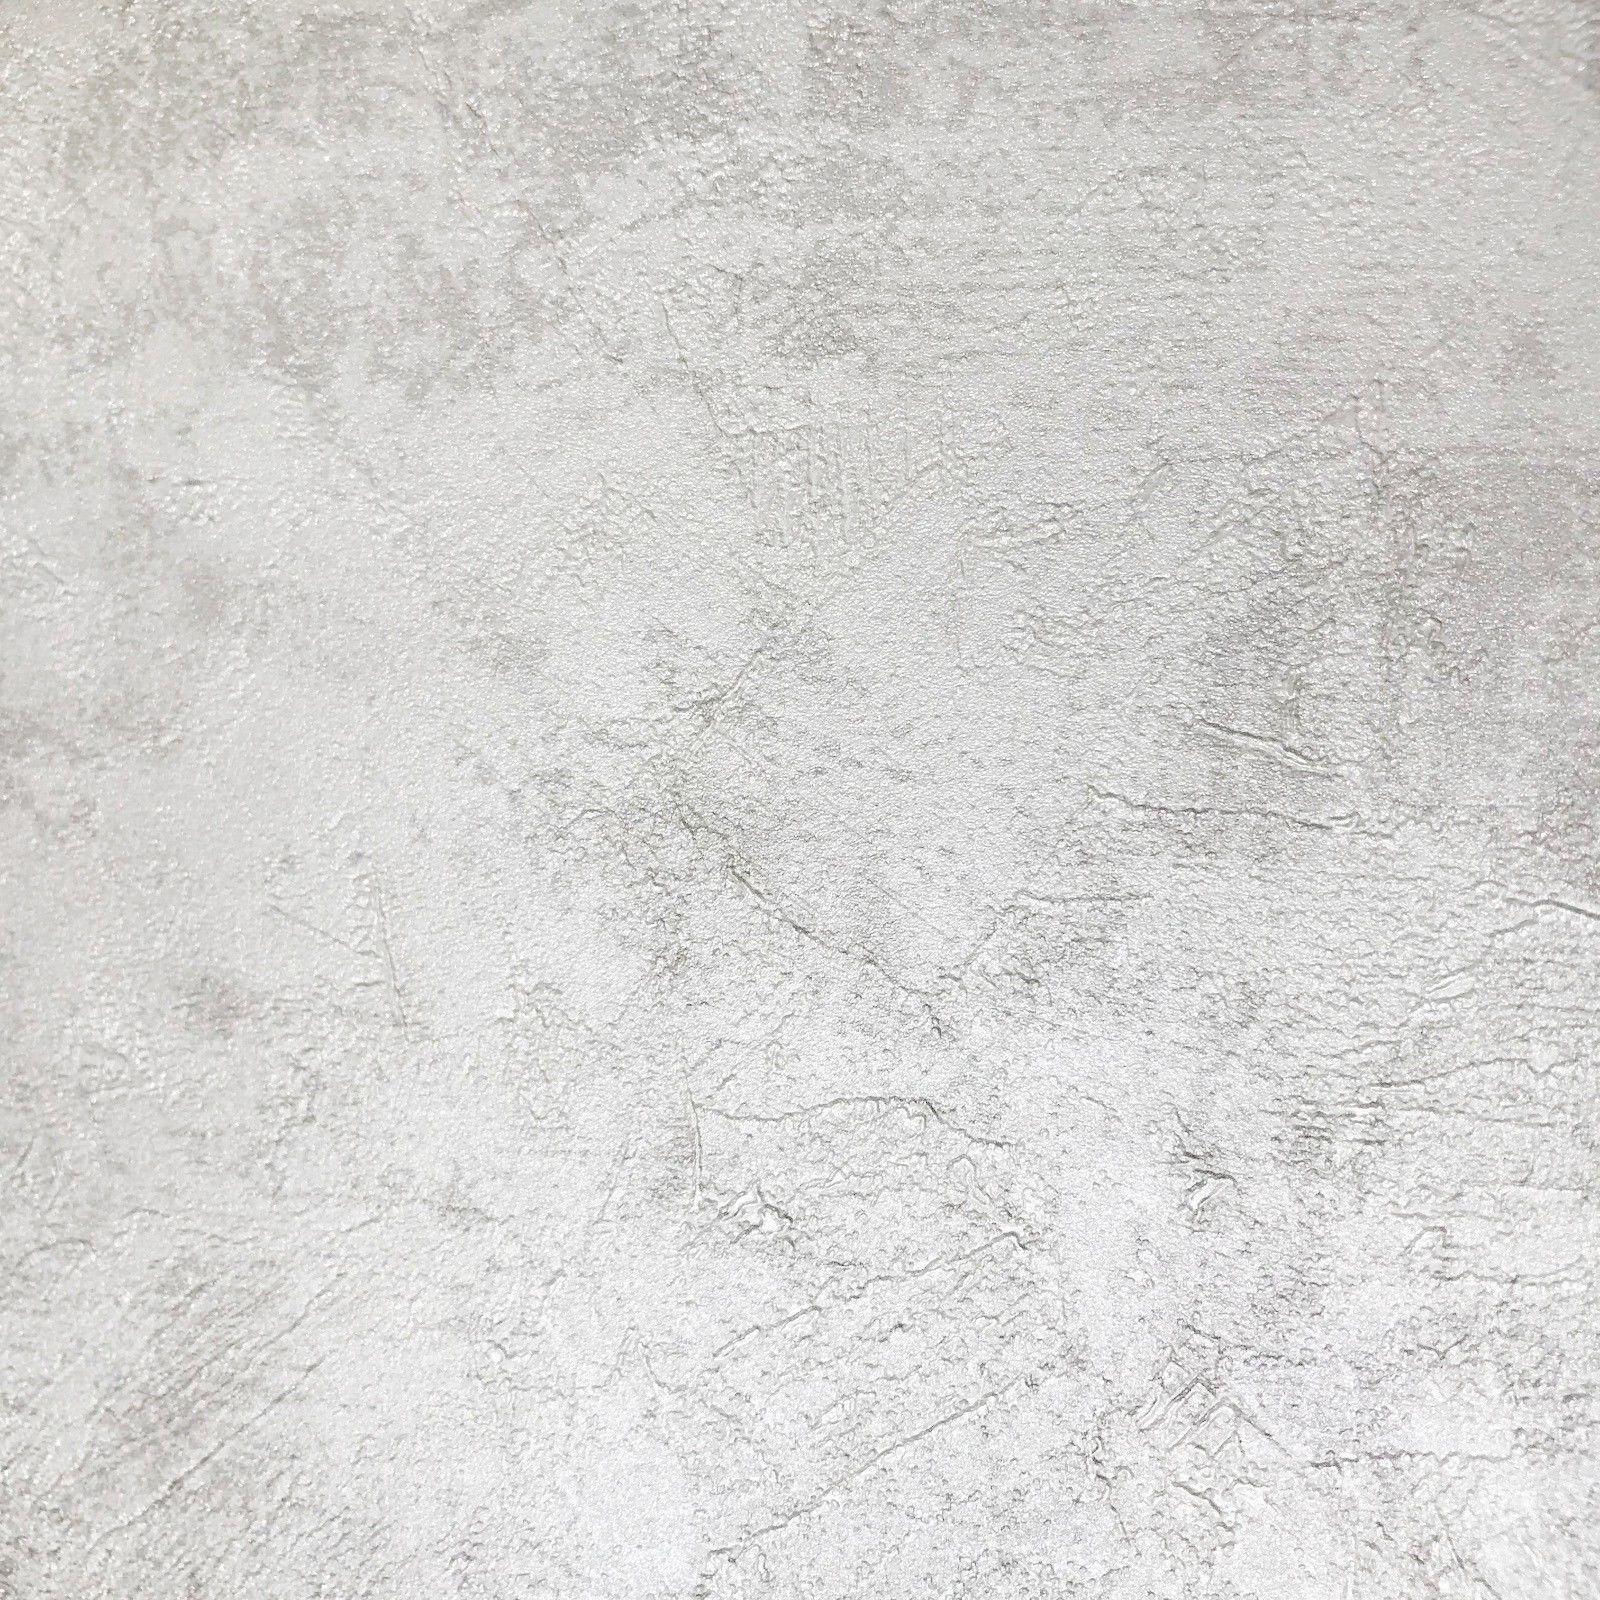 36+ Concrete textures ideas